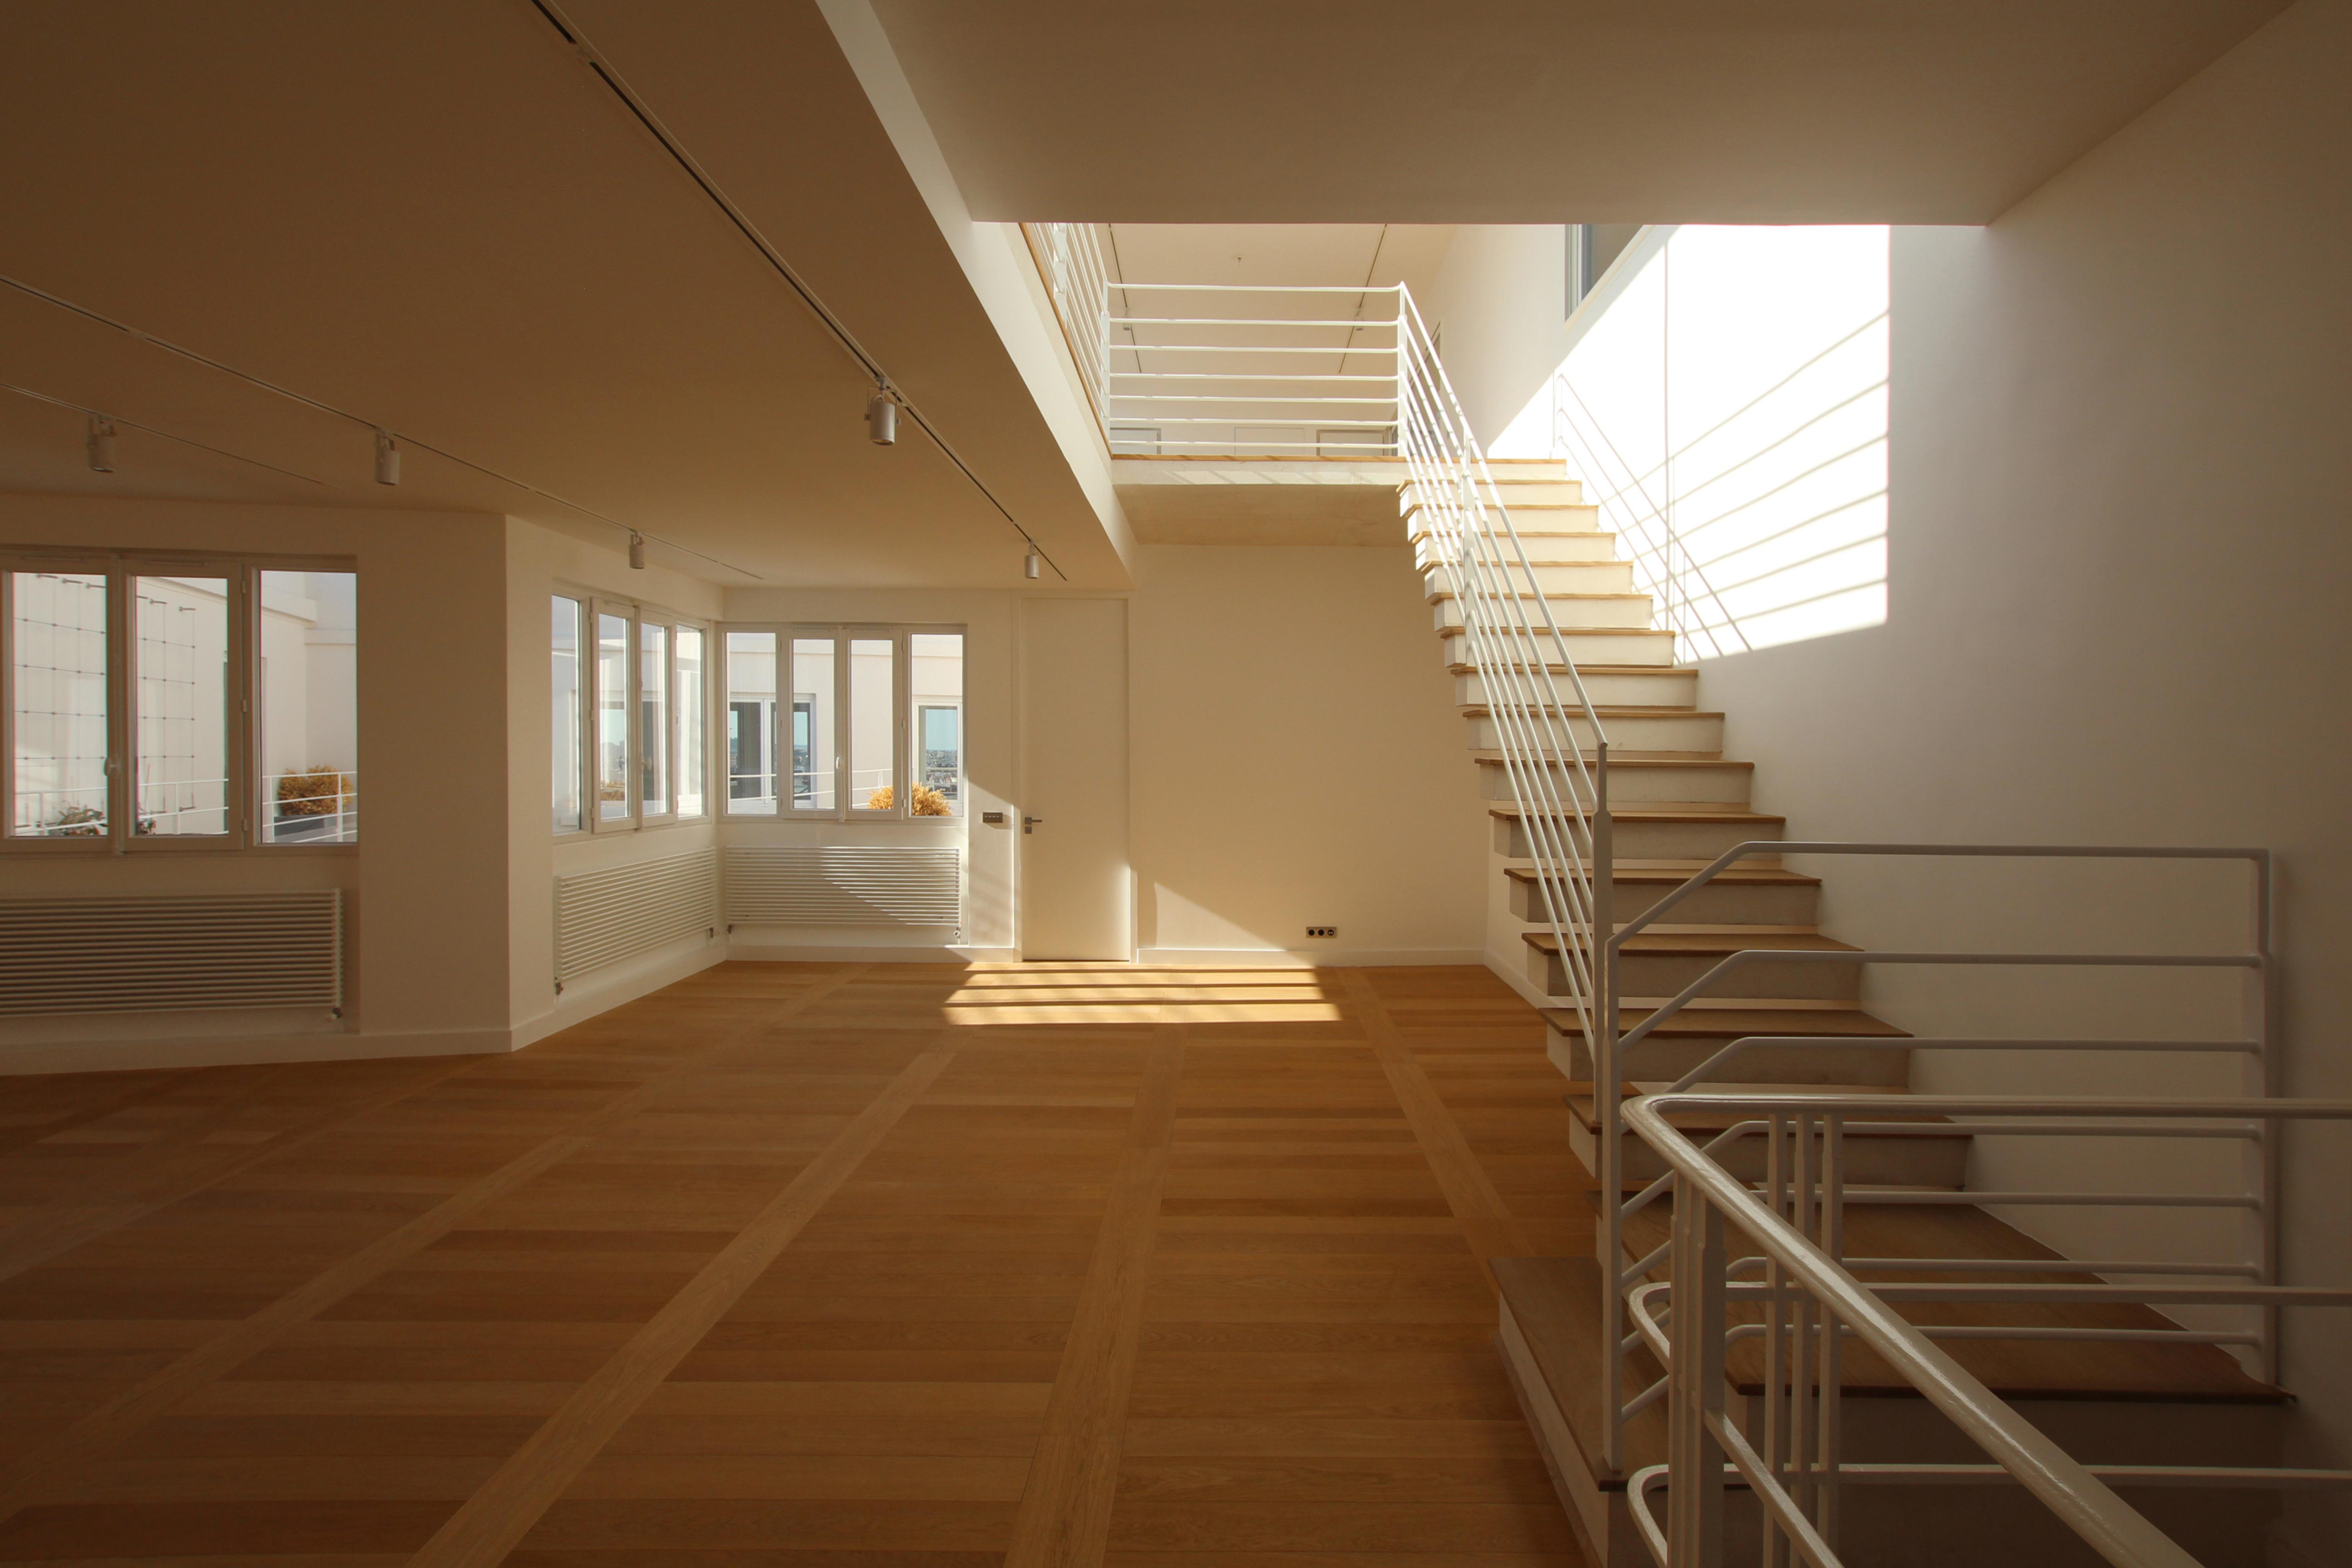 Cour interieure double hauteur - Appartement en duplex abraham architects ...